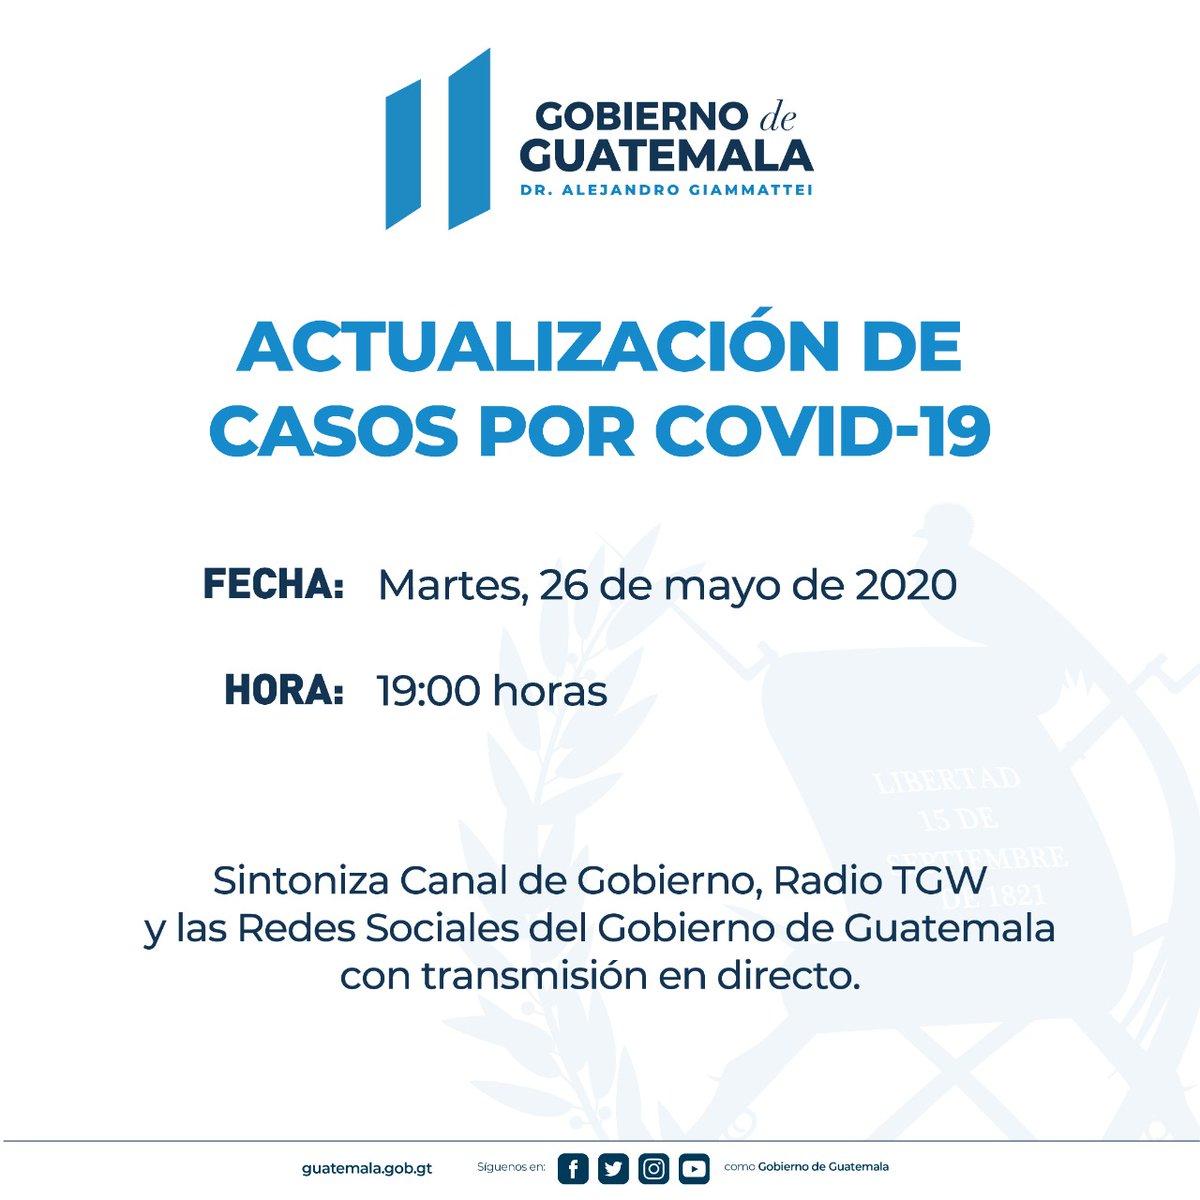 test Twitter Media - El Gobierno de Guatemala anuncia para hoy a las 19:00 la actualización de casos por COVID-19. https://t.co/FZZNKAMCxs